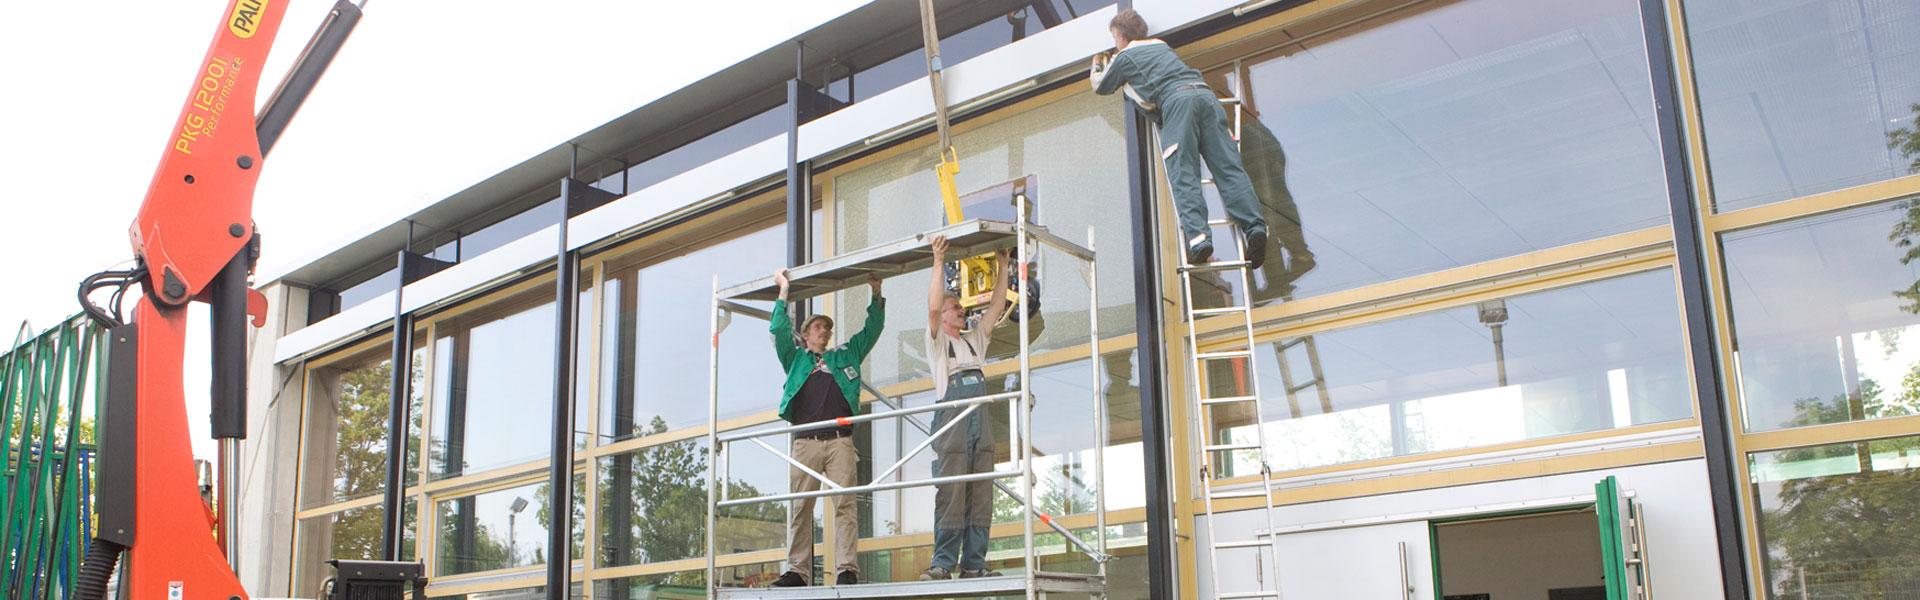 Glasreparatur an einer Schule